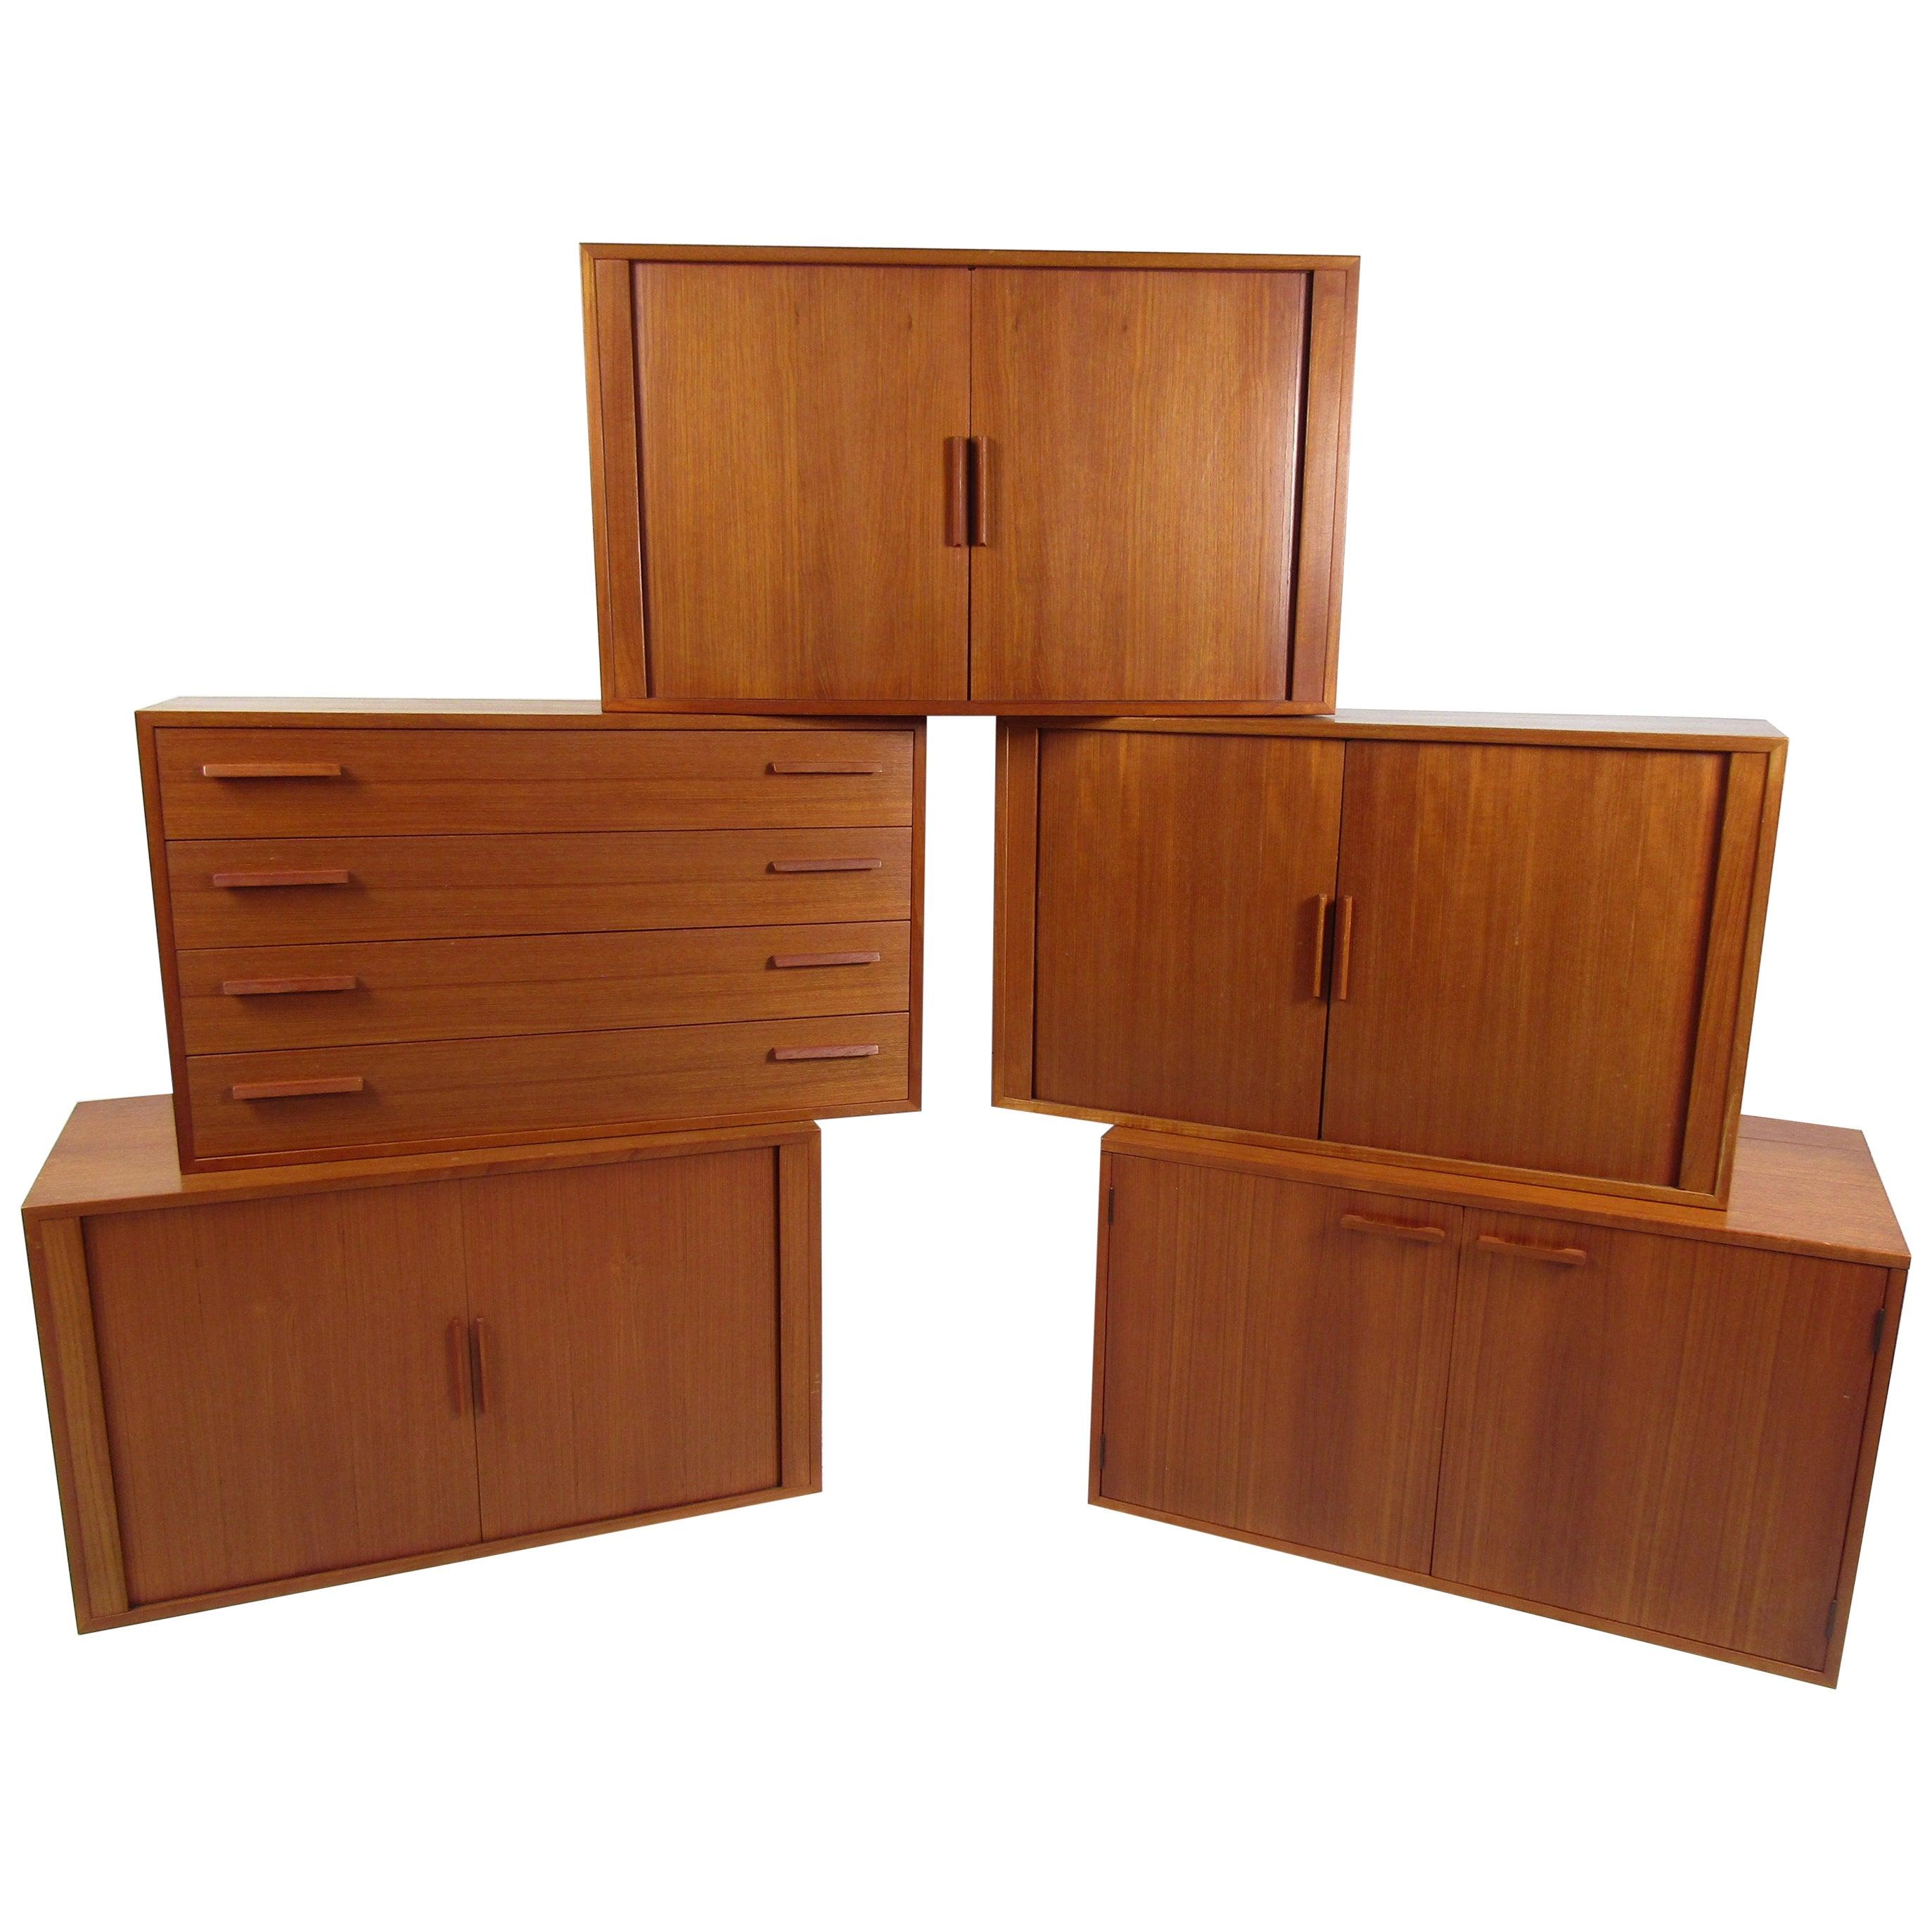 Danish Modern Modular Wall-Mounted Cabinets